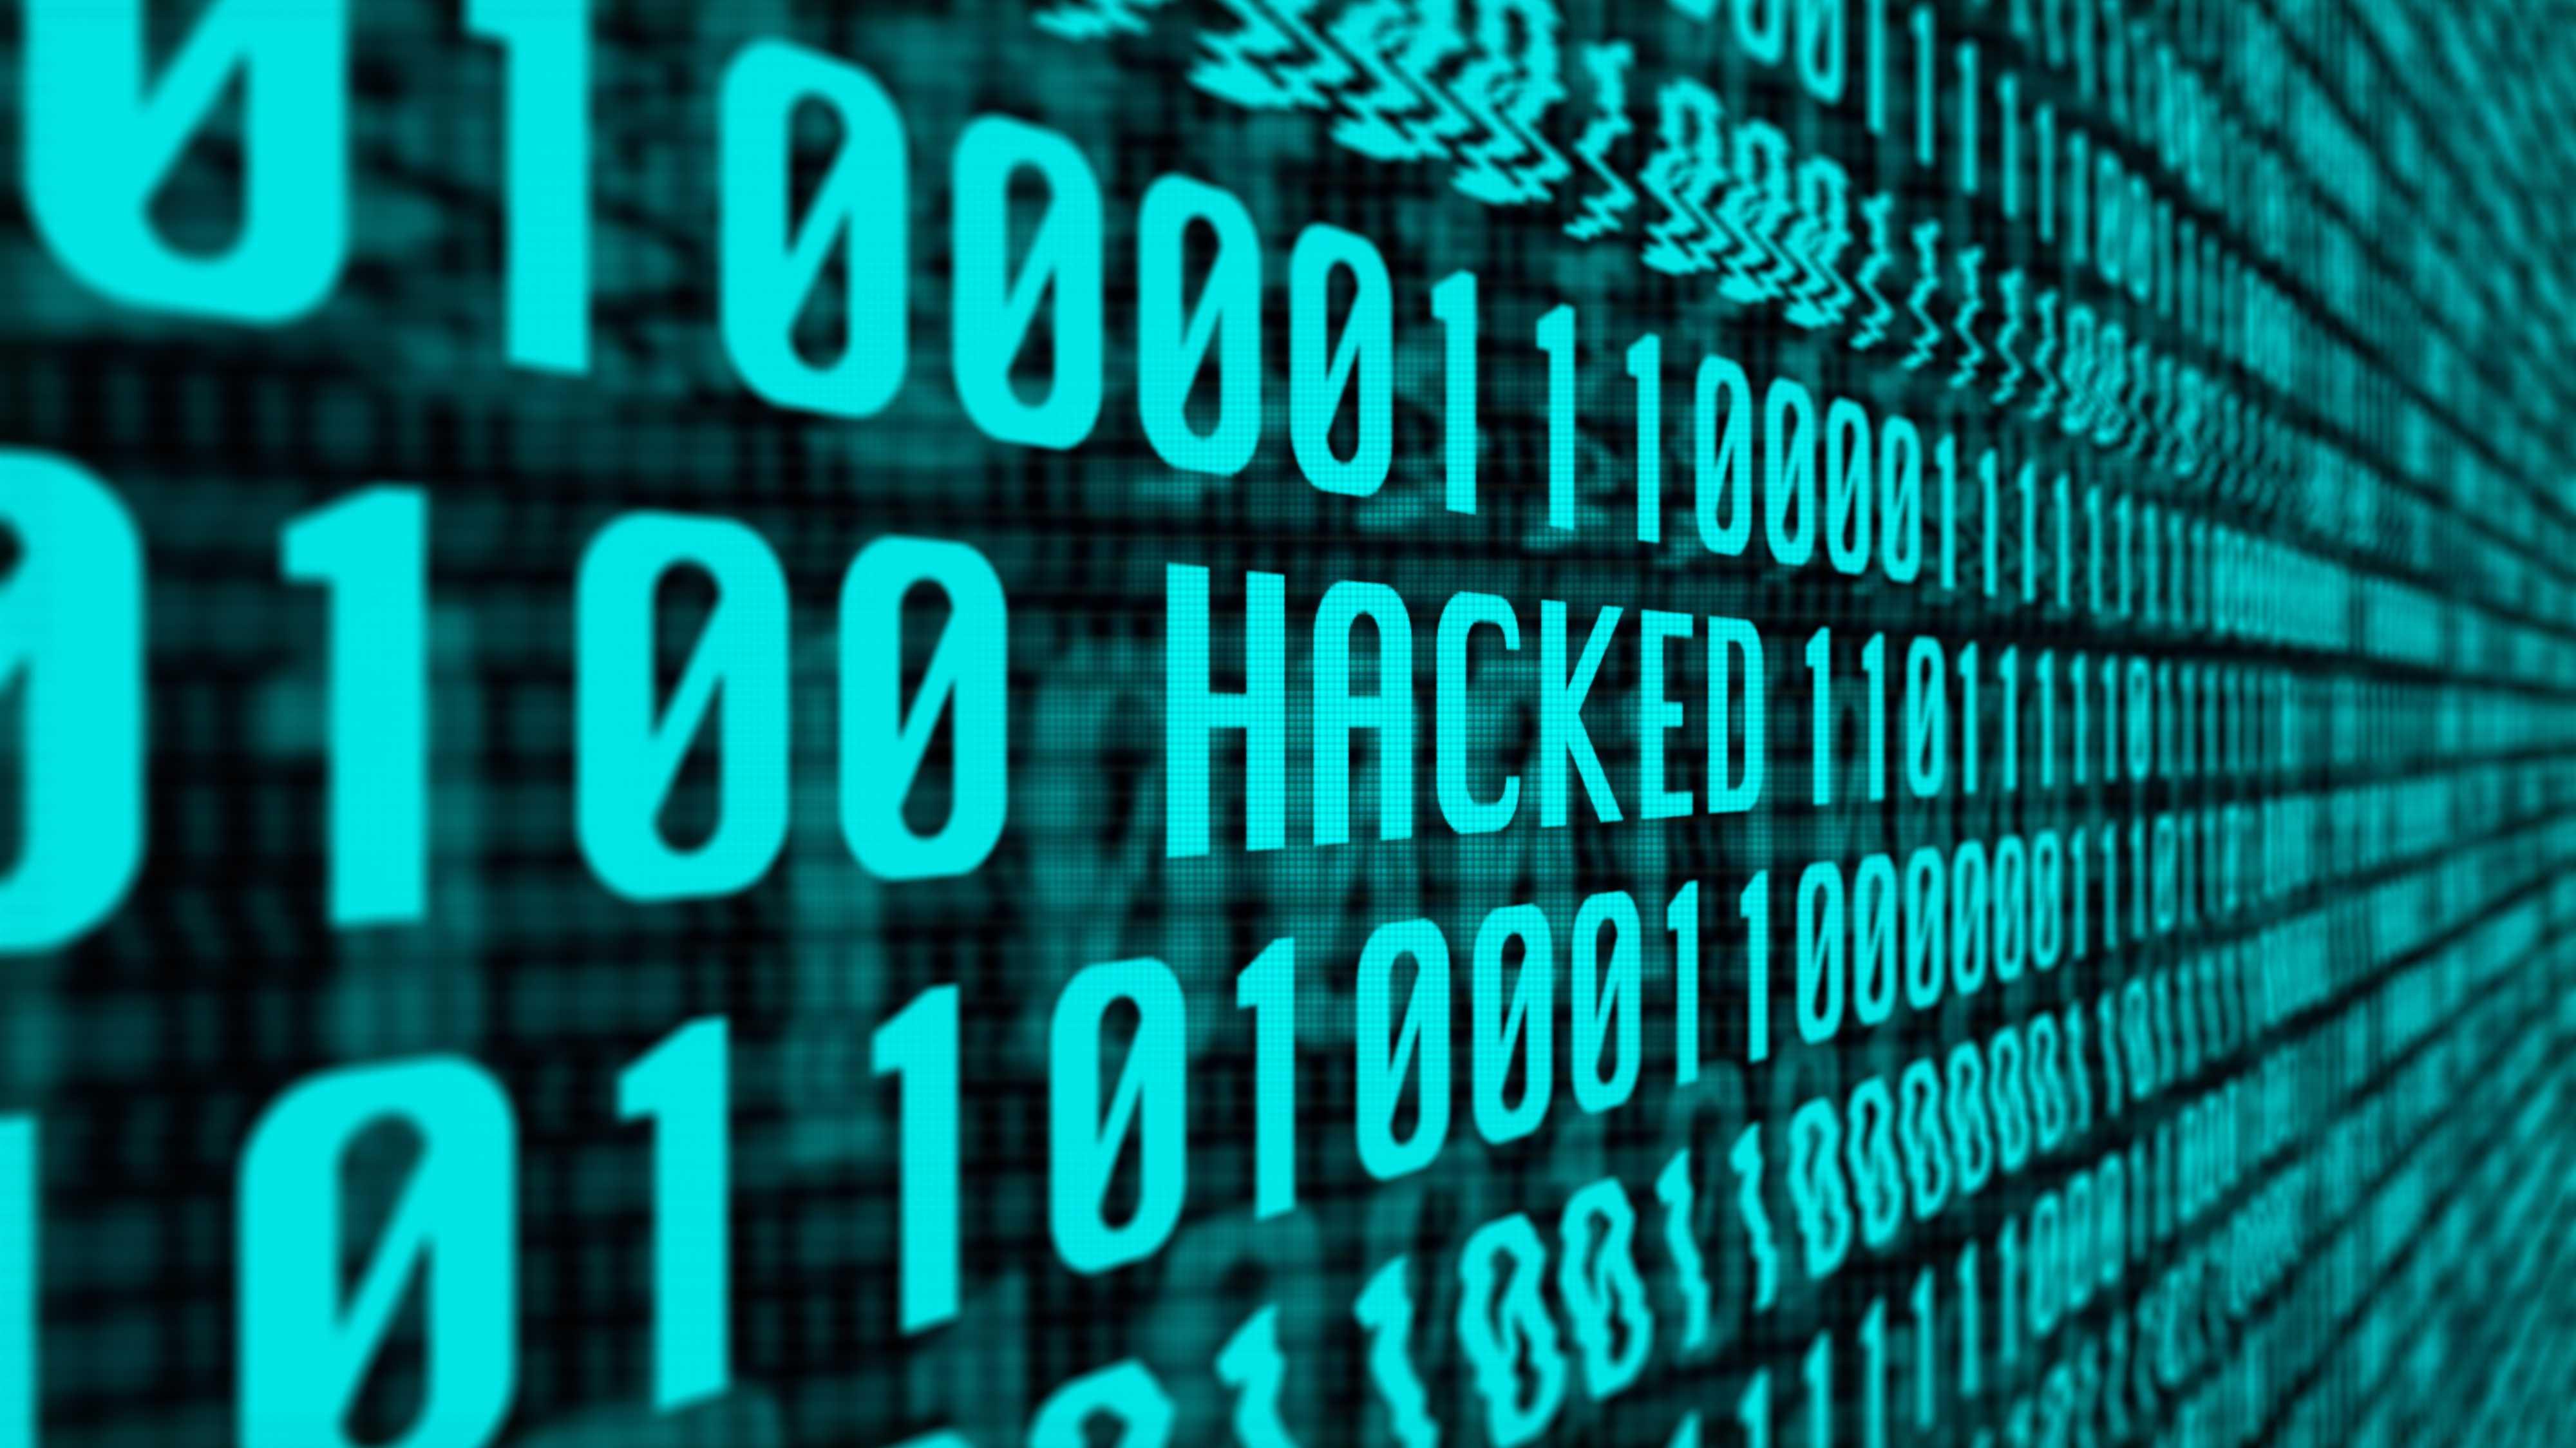 Webshop von Marco Polo gehackt, persönliche Daten kopiert